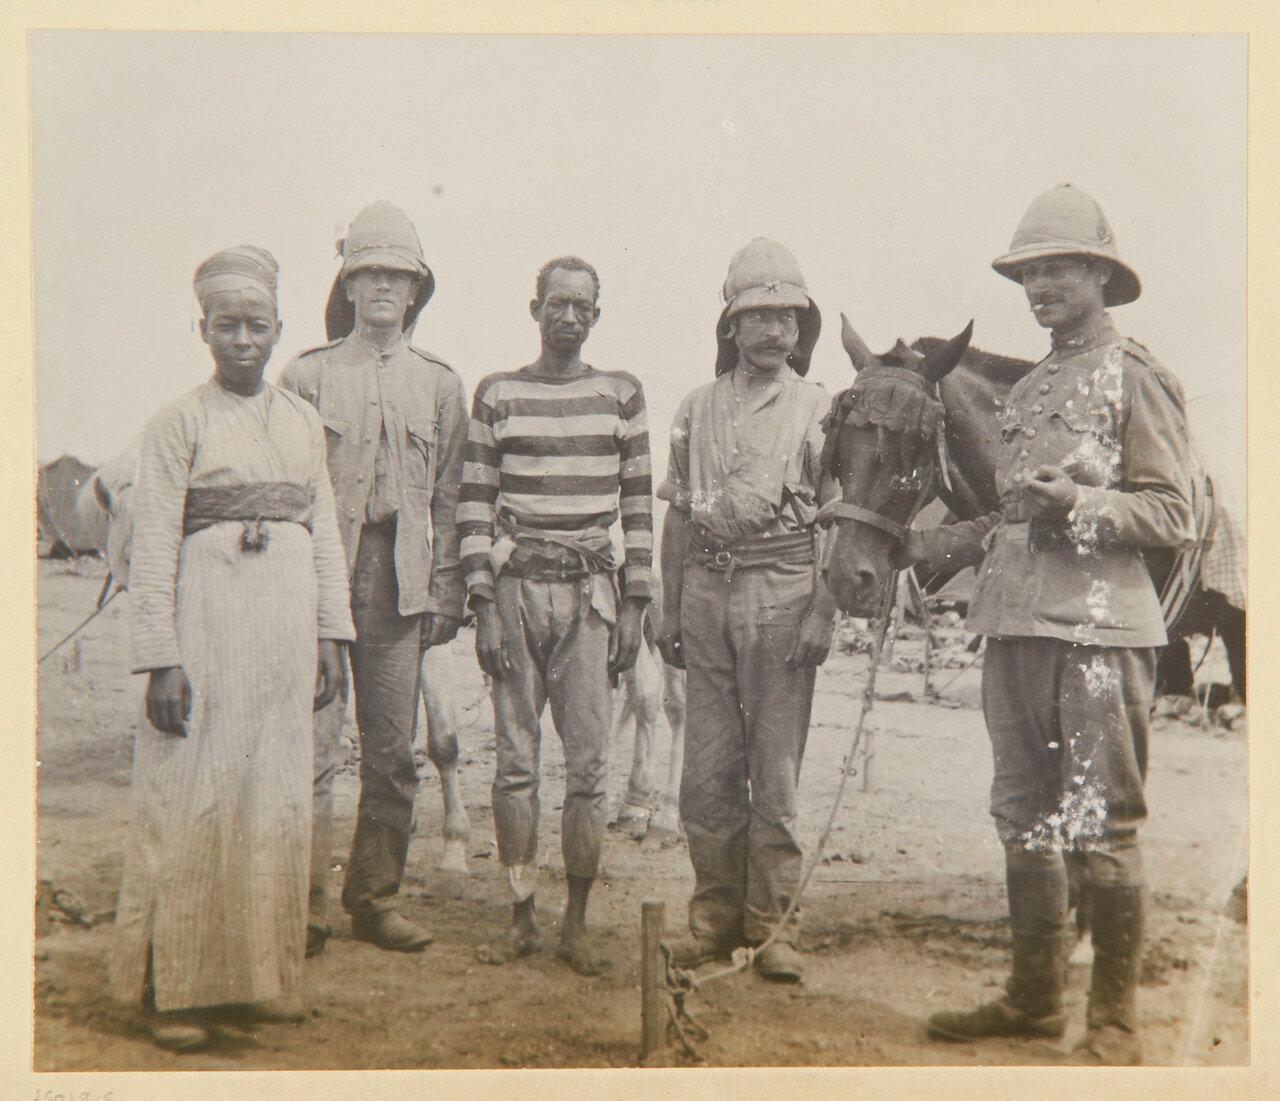 Томми, молодой суданец в тюрбане; рядовой Эдвард Годфри, 1-й батальон гвардейских гренадер; рядовой Томас Харт, 1-й батальон гвардейских гренадер; пони; лейтенант Гаскойн (1873-1944), адъютант,